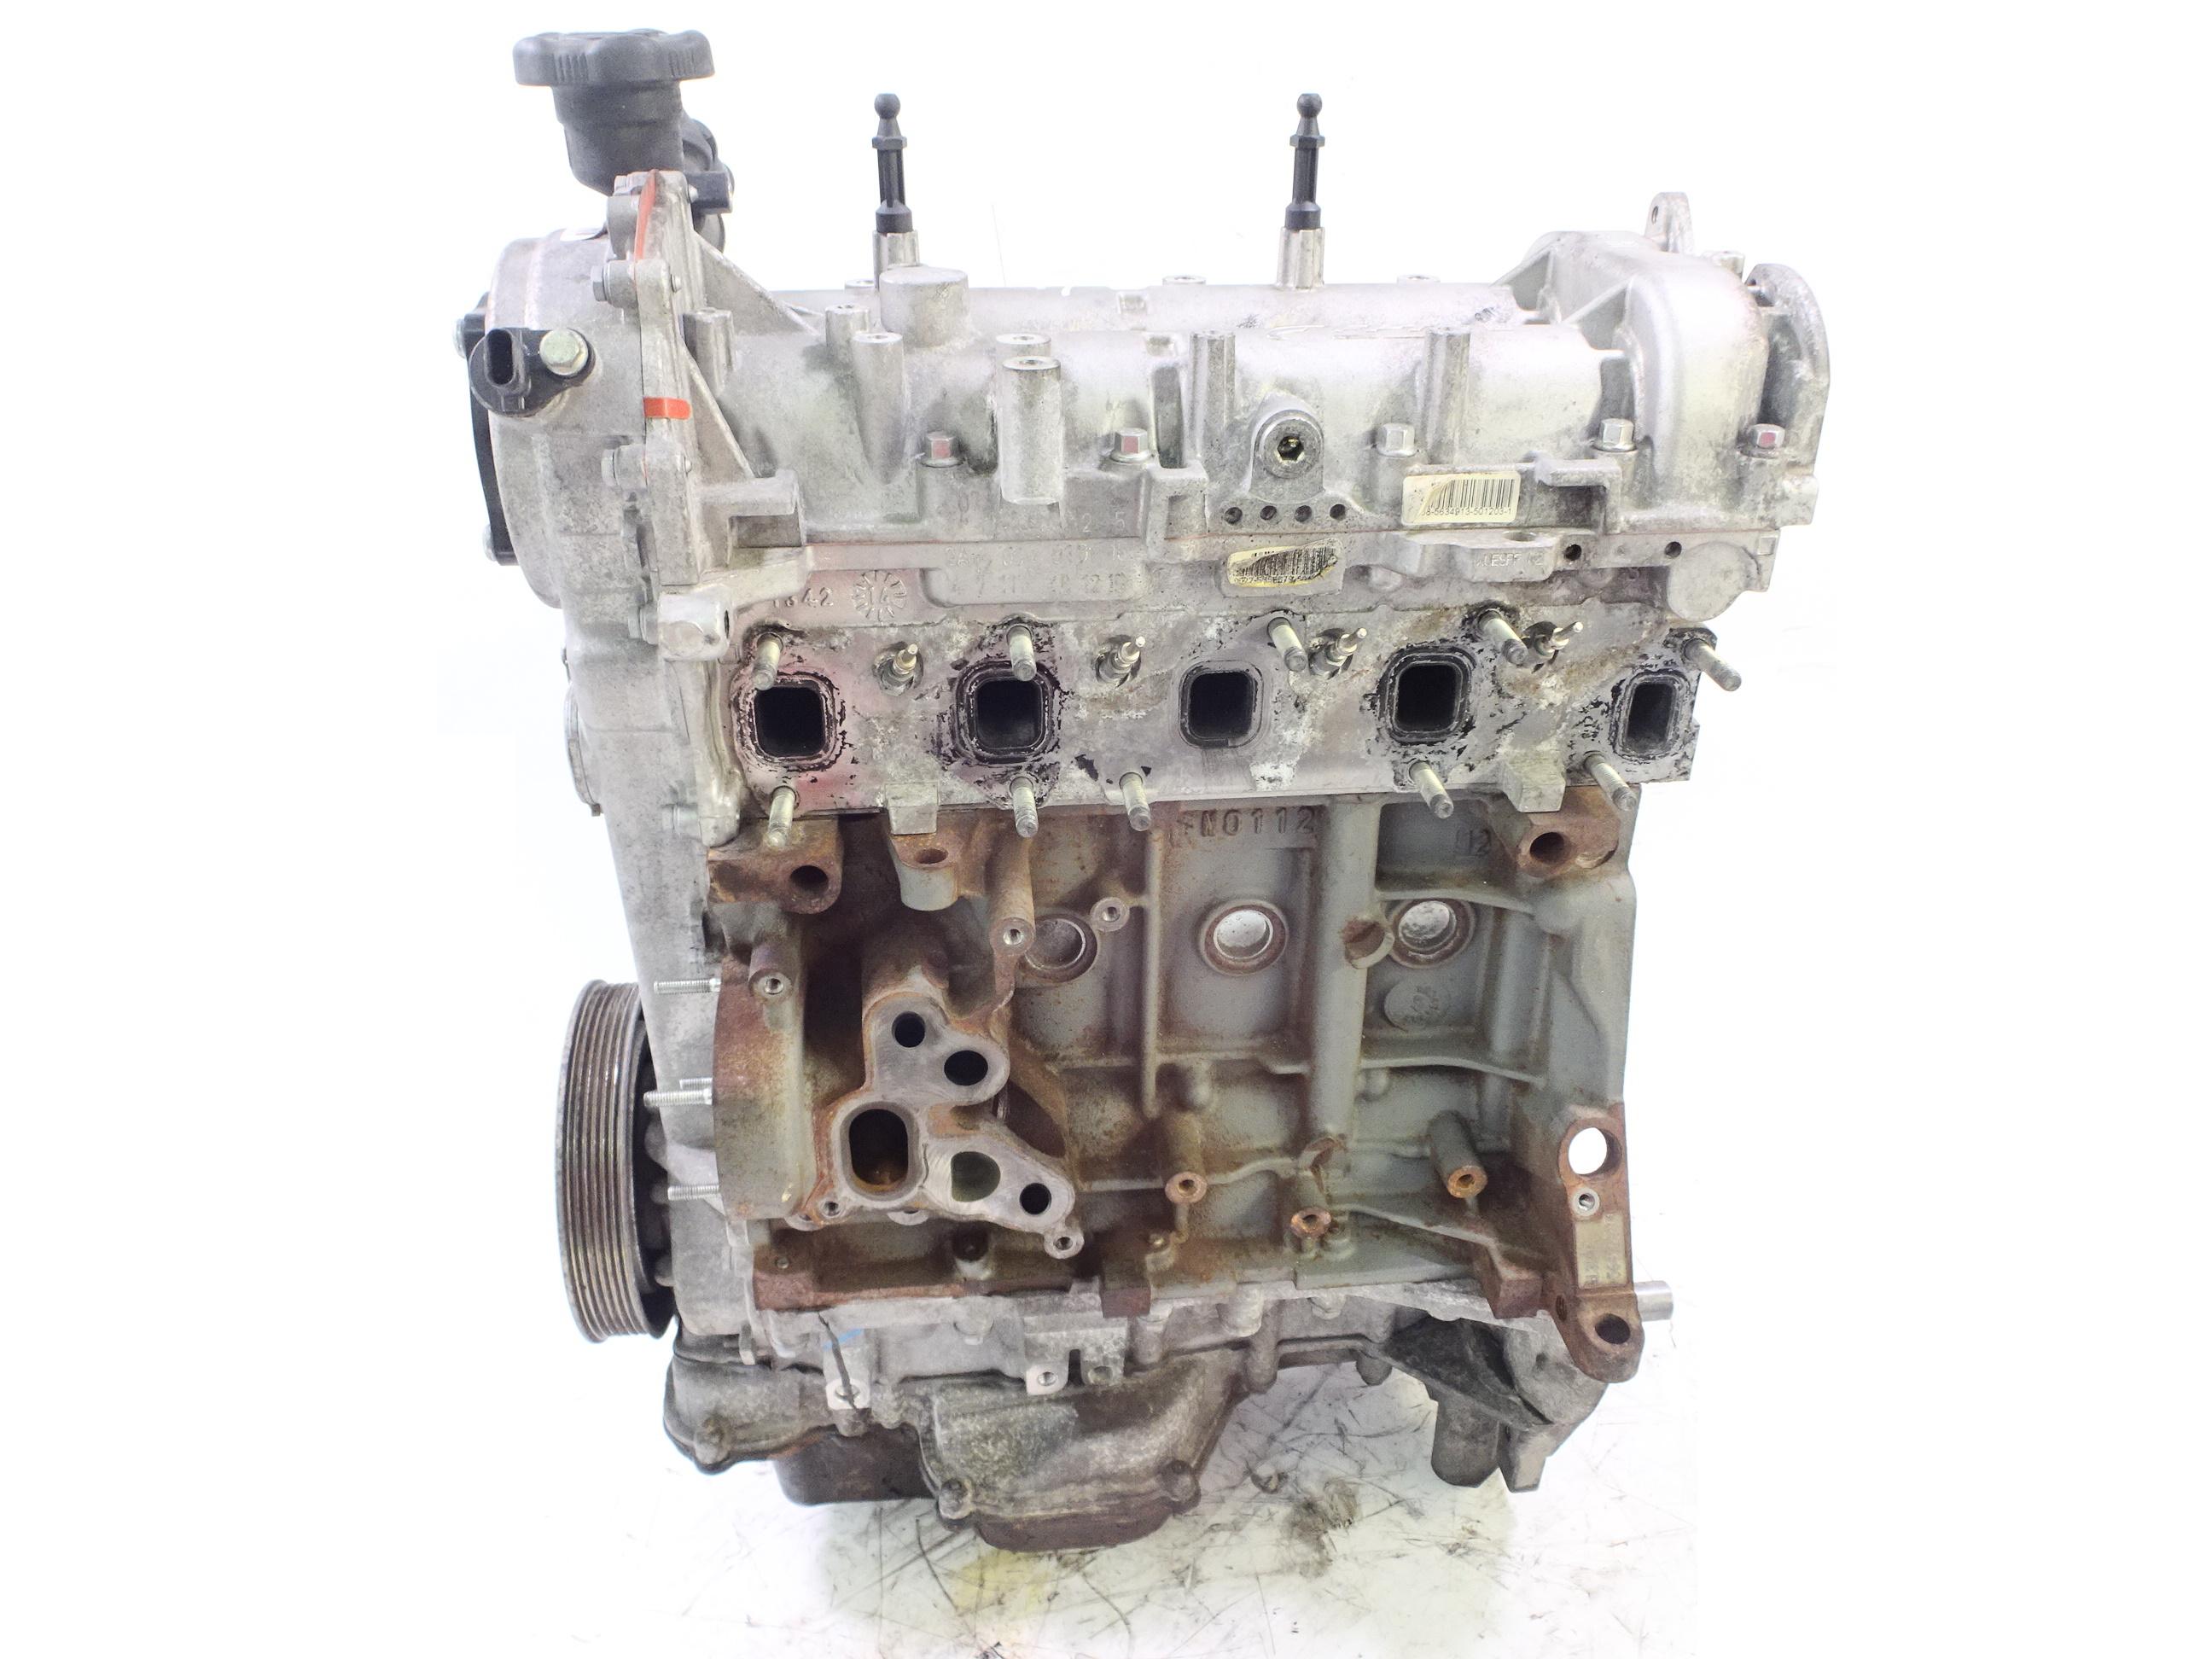 Motor 2015 Opel Corsa E X15 1,3 CDTI Diesel B13DTE